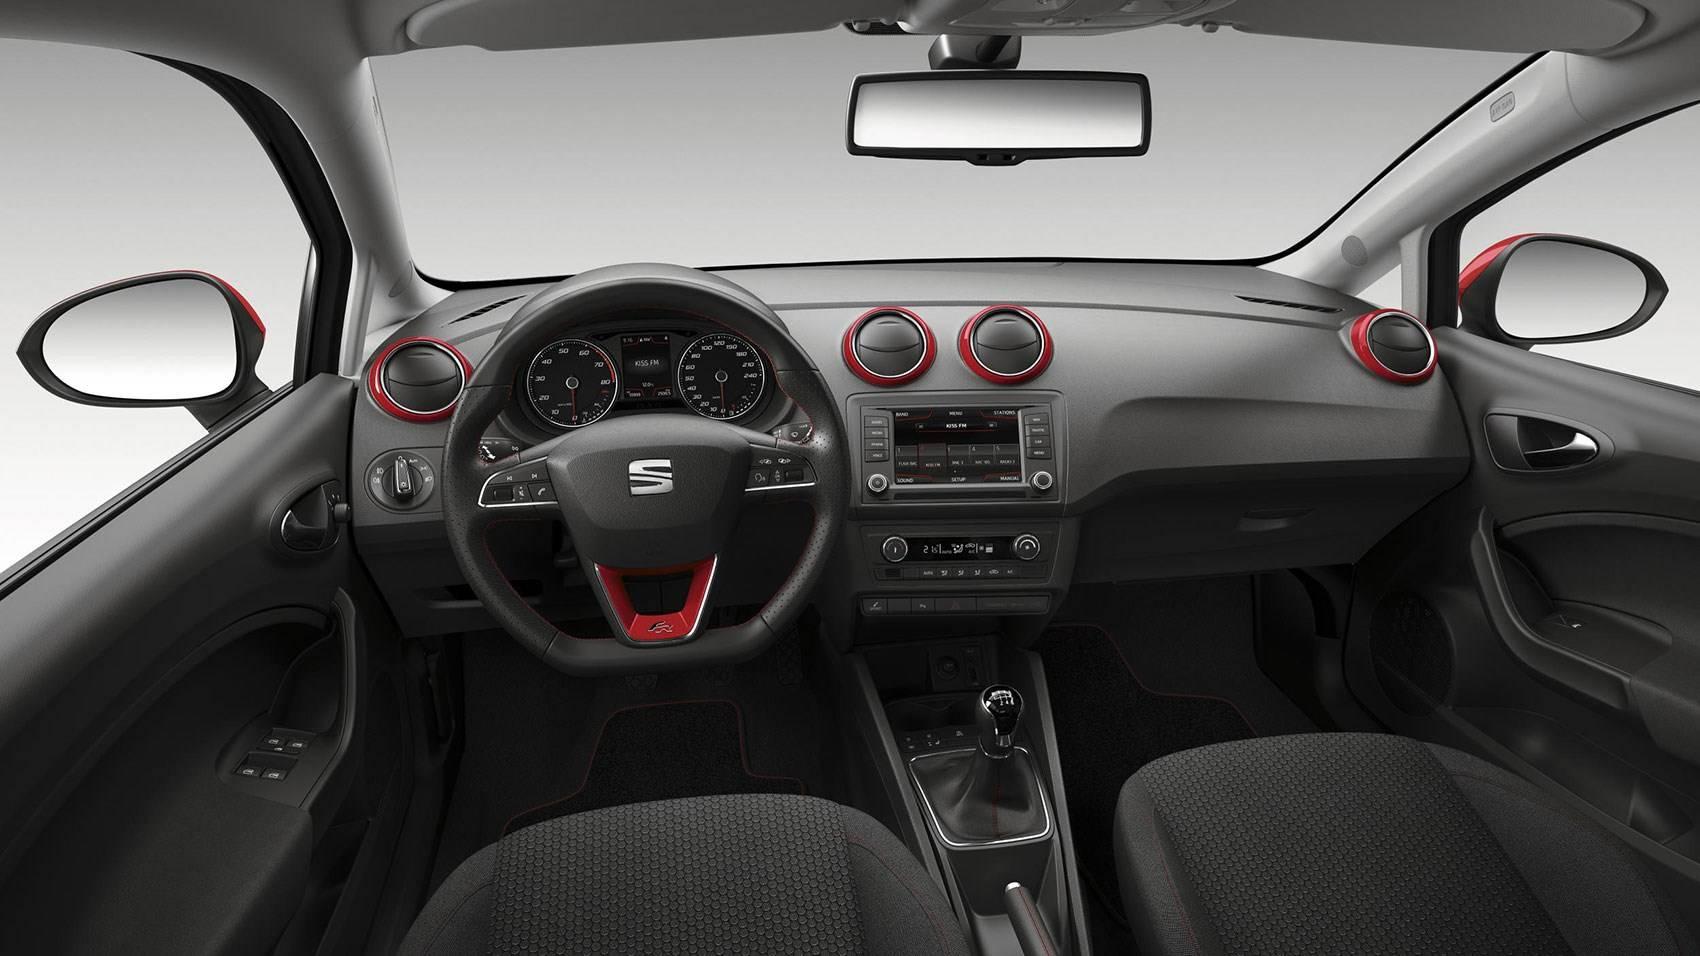 2015 Seat Ibiza İç Mekan Tasarımı